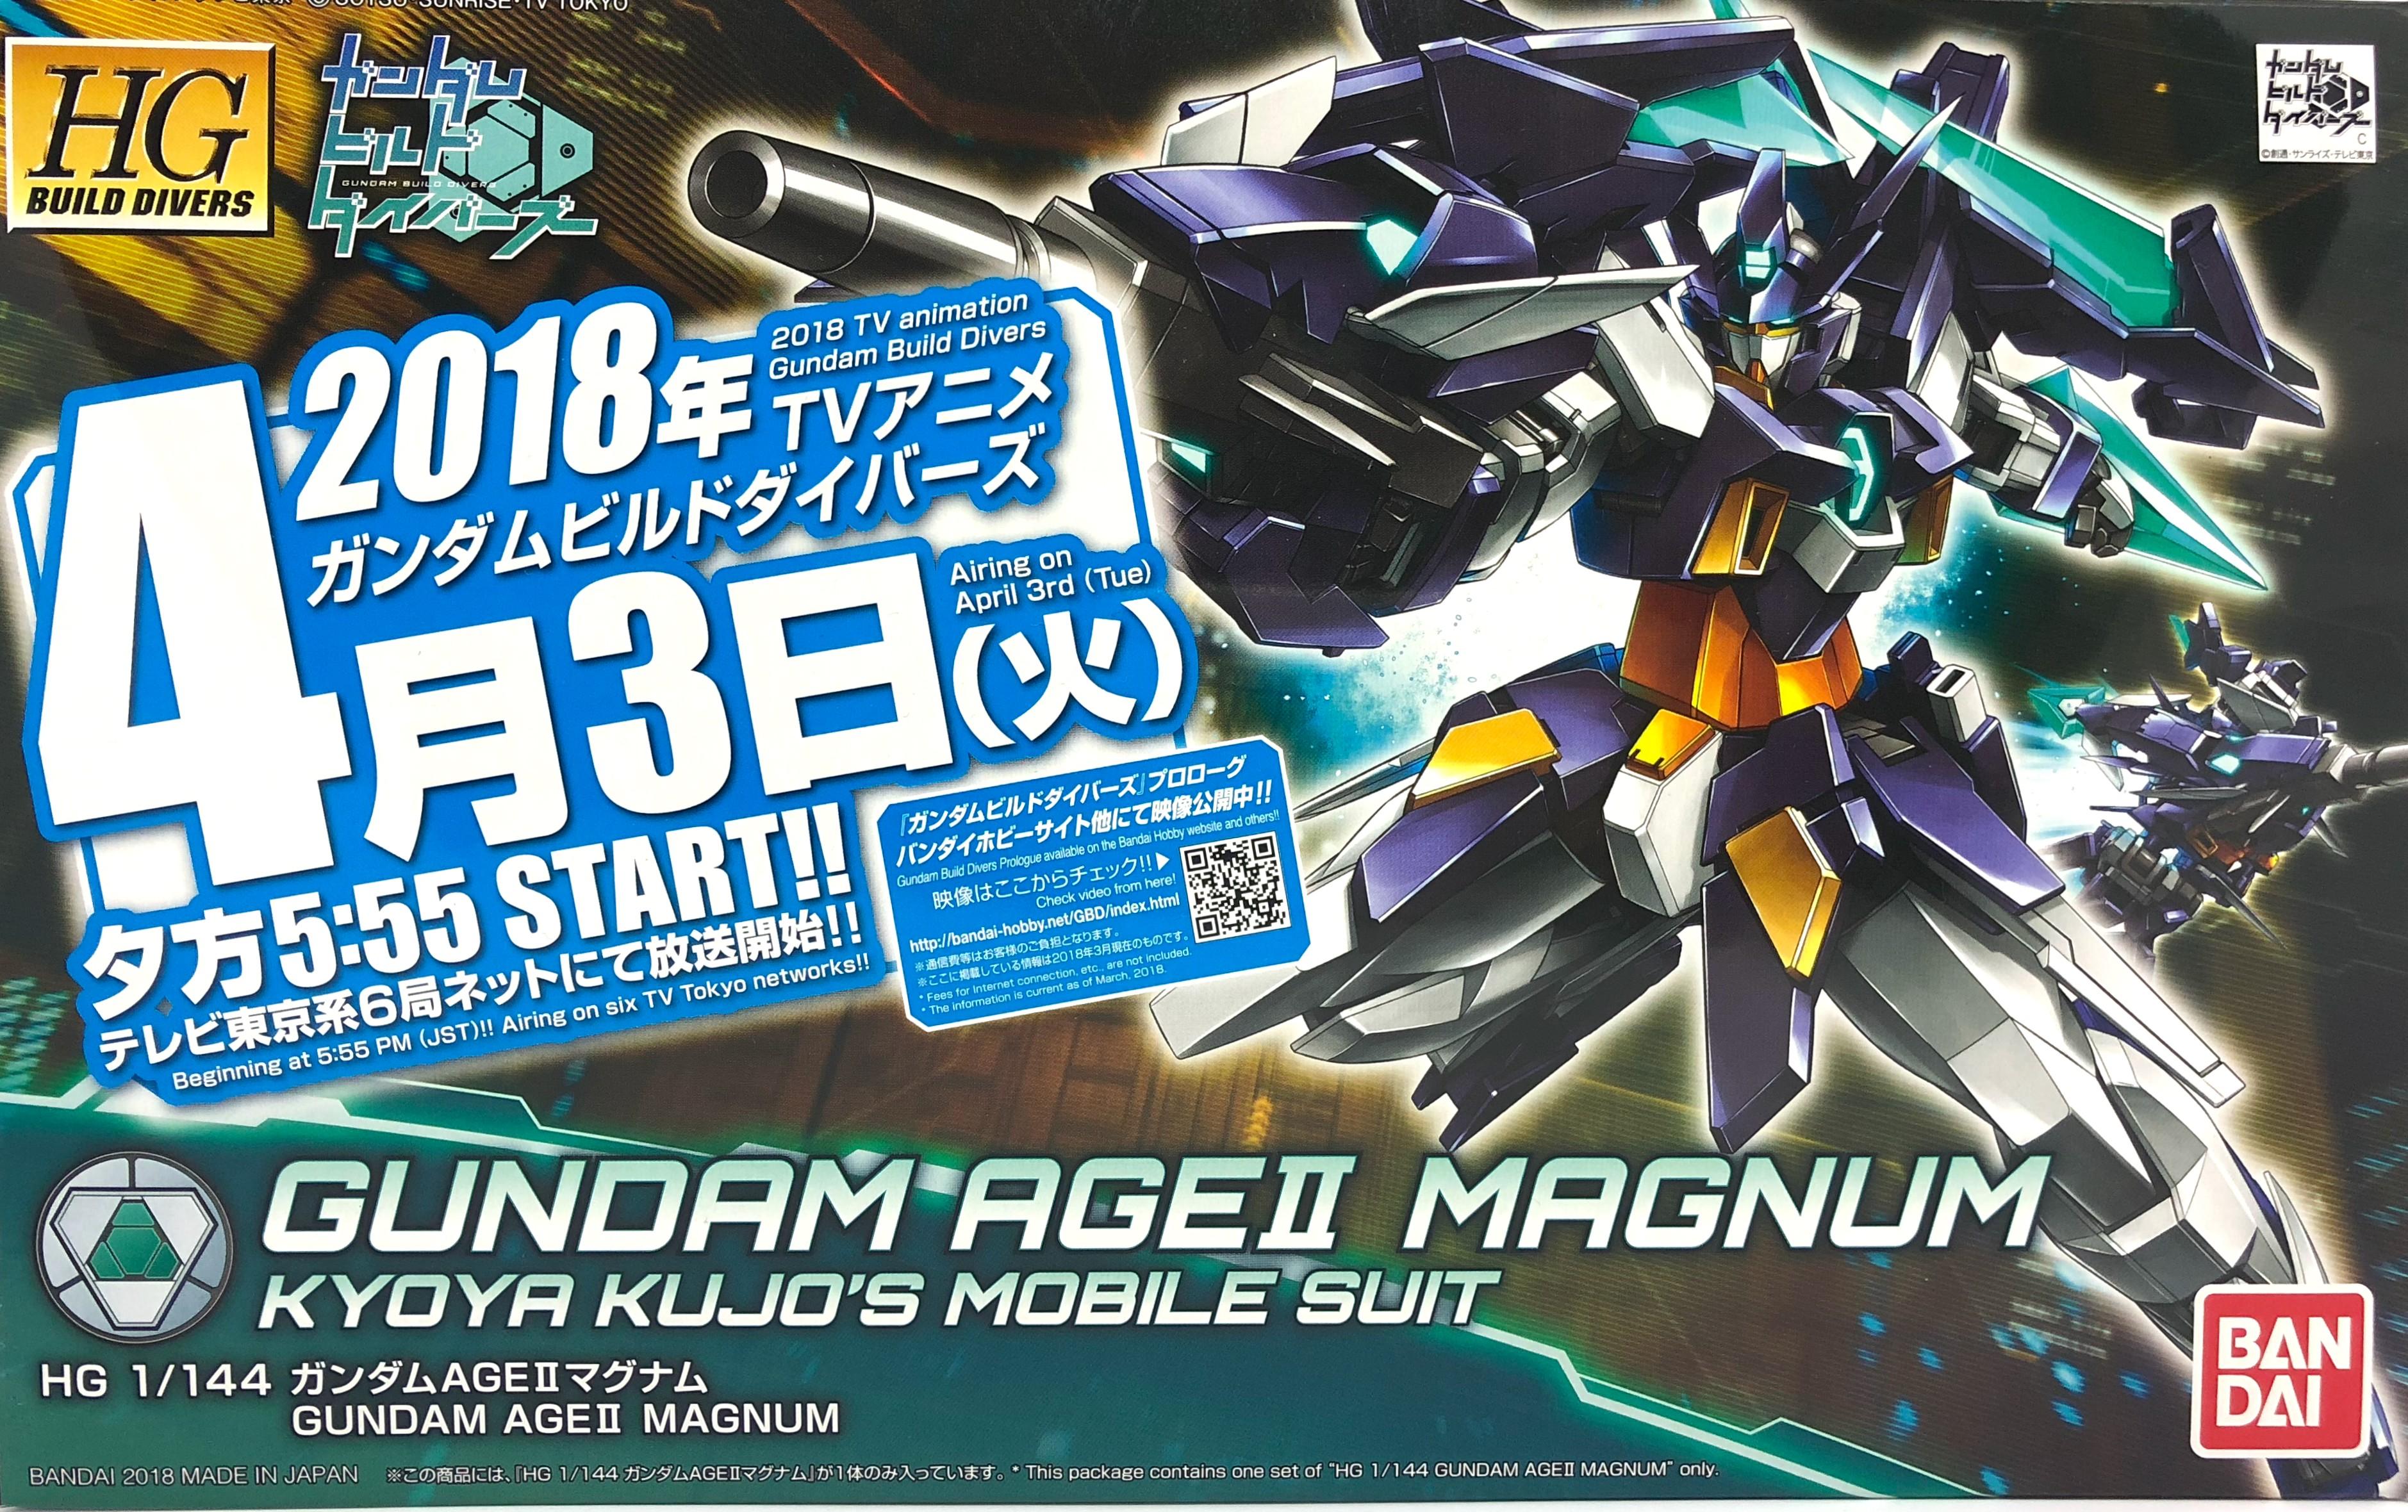 HGBD 1/144 ガンダムAGEIIマグナム ビルドダイバーズ gundam age2 magnum build divers クジョウ キョウヤ kyoya kujo